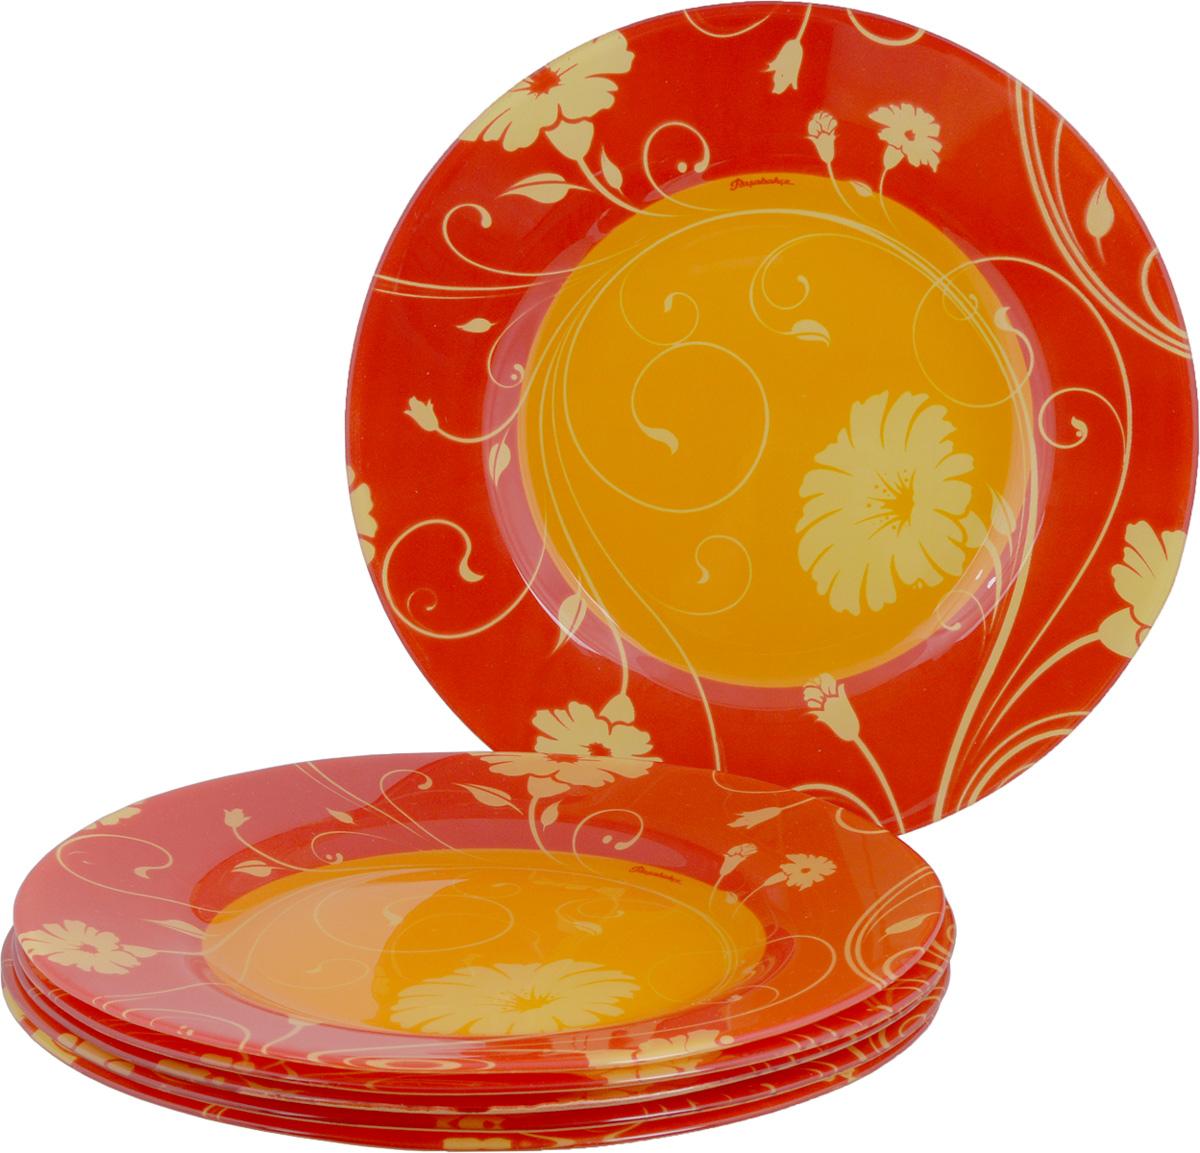 Набор тарелок Pasabahce Workshop Orange Serenade, диаметр 26 см, 6 шт10328BD1Набор Pasabahce Workshop Orange Serenade, выполненный из высококачественного натрий-кальций-силикатного тонированного стекла, состоит из шести тарелок и предназначен для красивой сервировки различных блюд. Набор сочетает в себе изысканный дизайн с максимальной функциональностью. Оригинальность оформления придется по вкусу и ценителям классики, и тем, кто предпочитает утонченность и изящность. Можно использовать в холодильной камере и в микроволновой печи. Можно мыть в посудомоечной машине. Диаметр тарелки: 26 см.